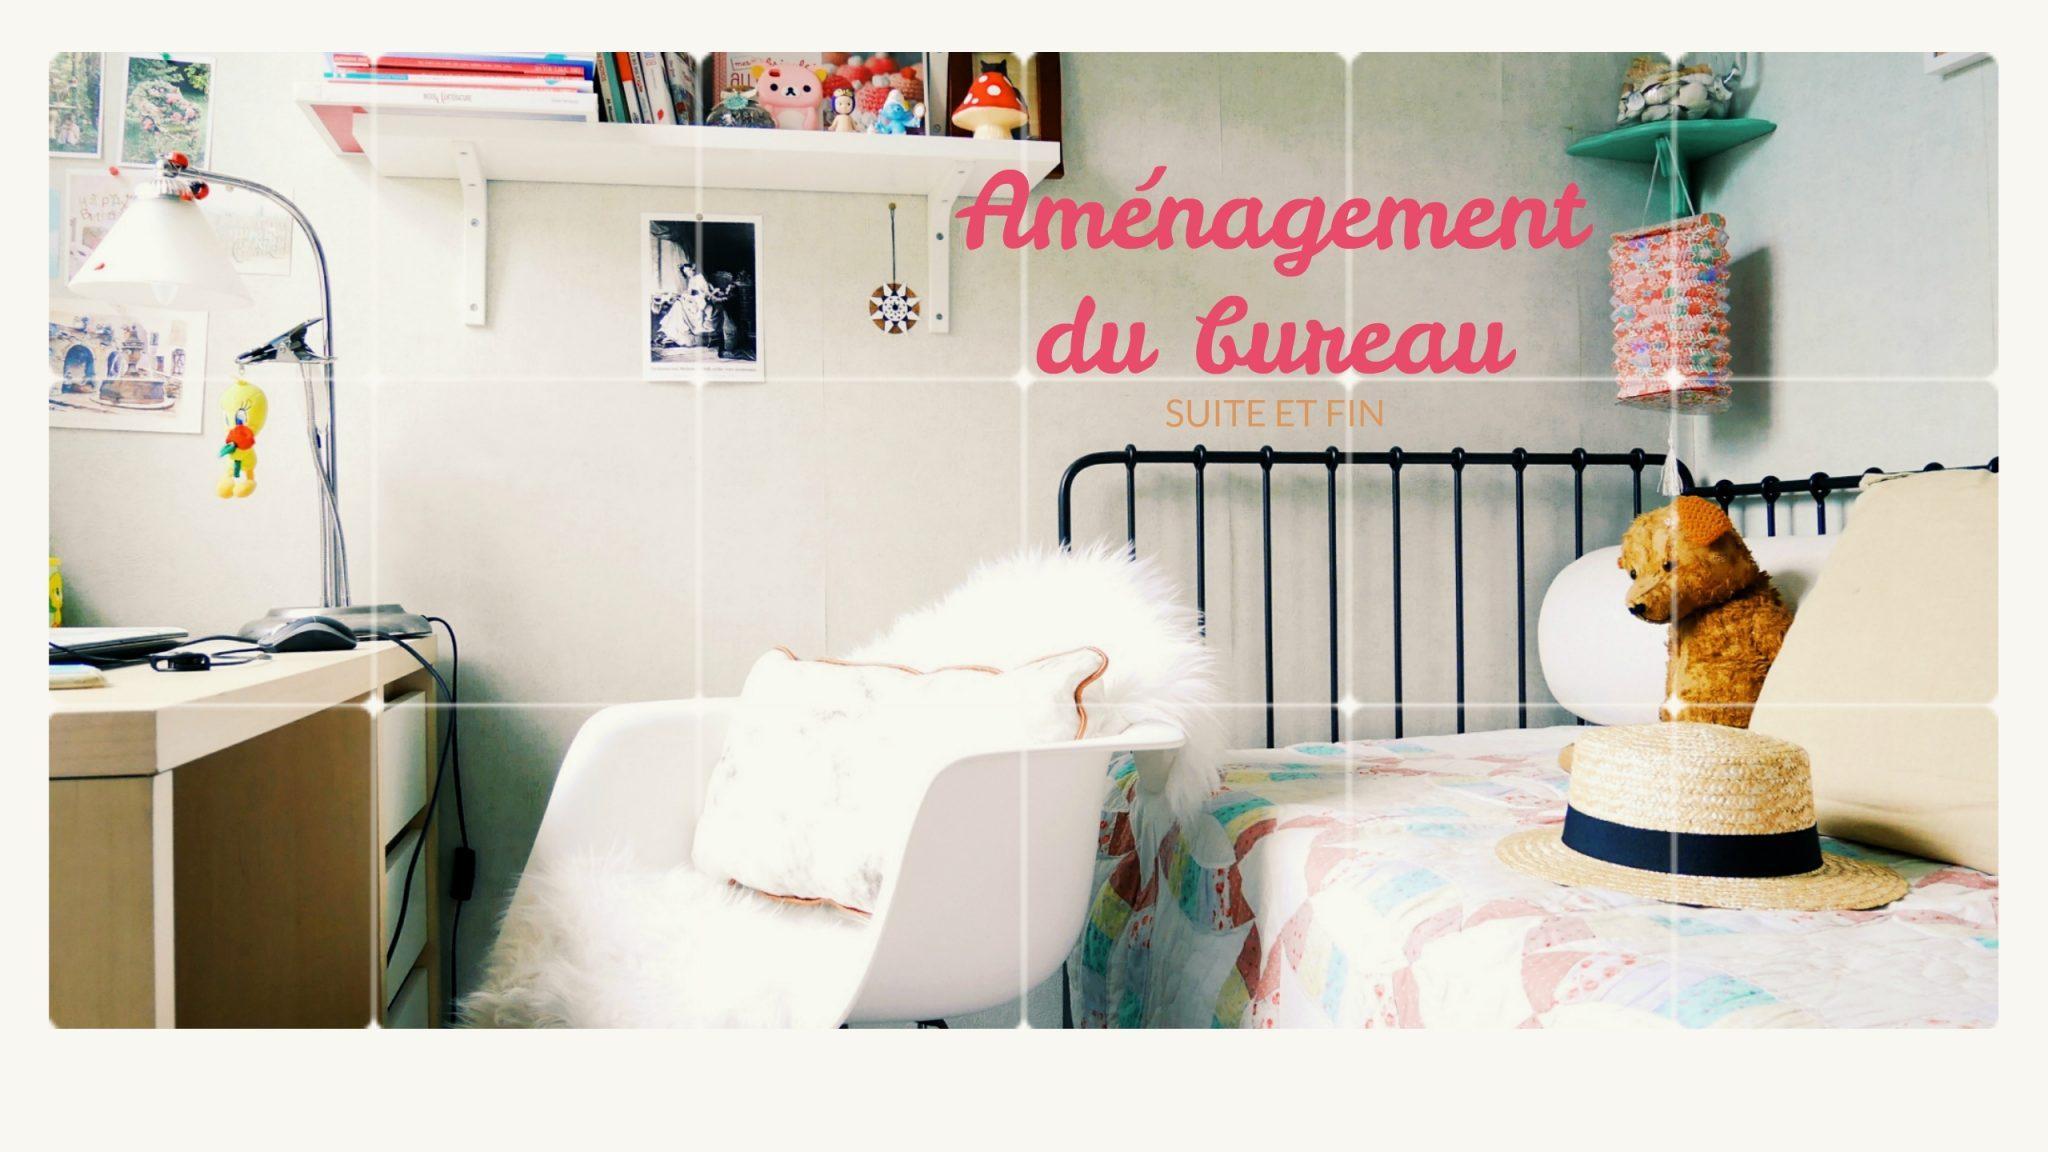 amenagement-bureau